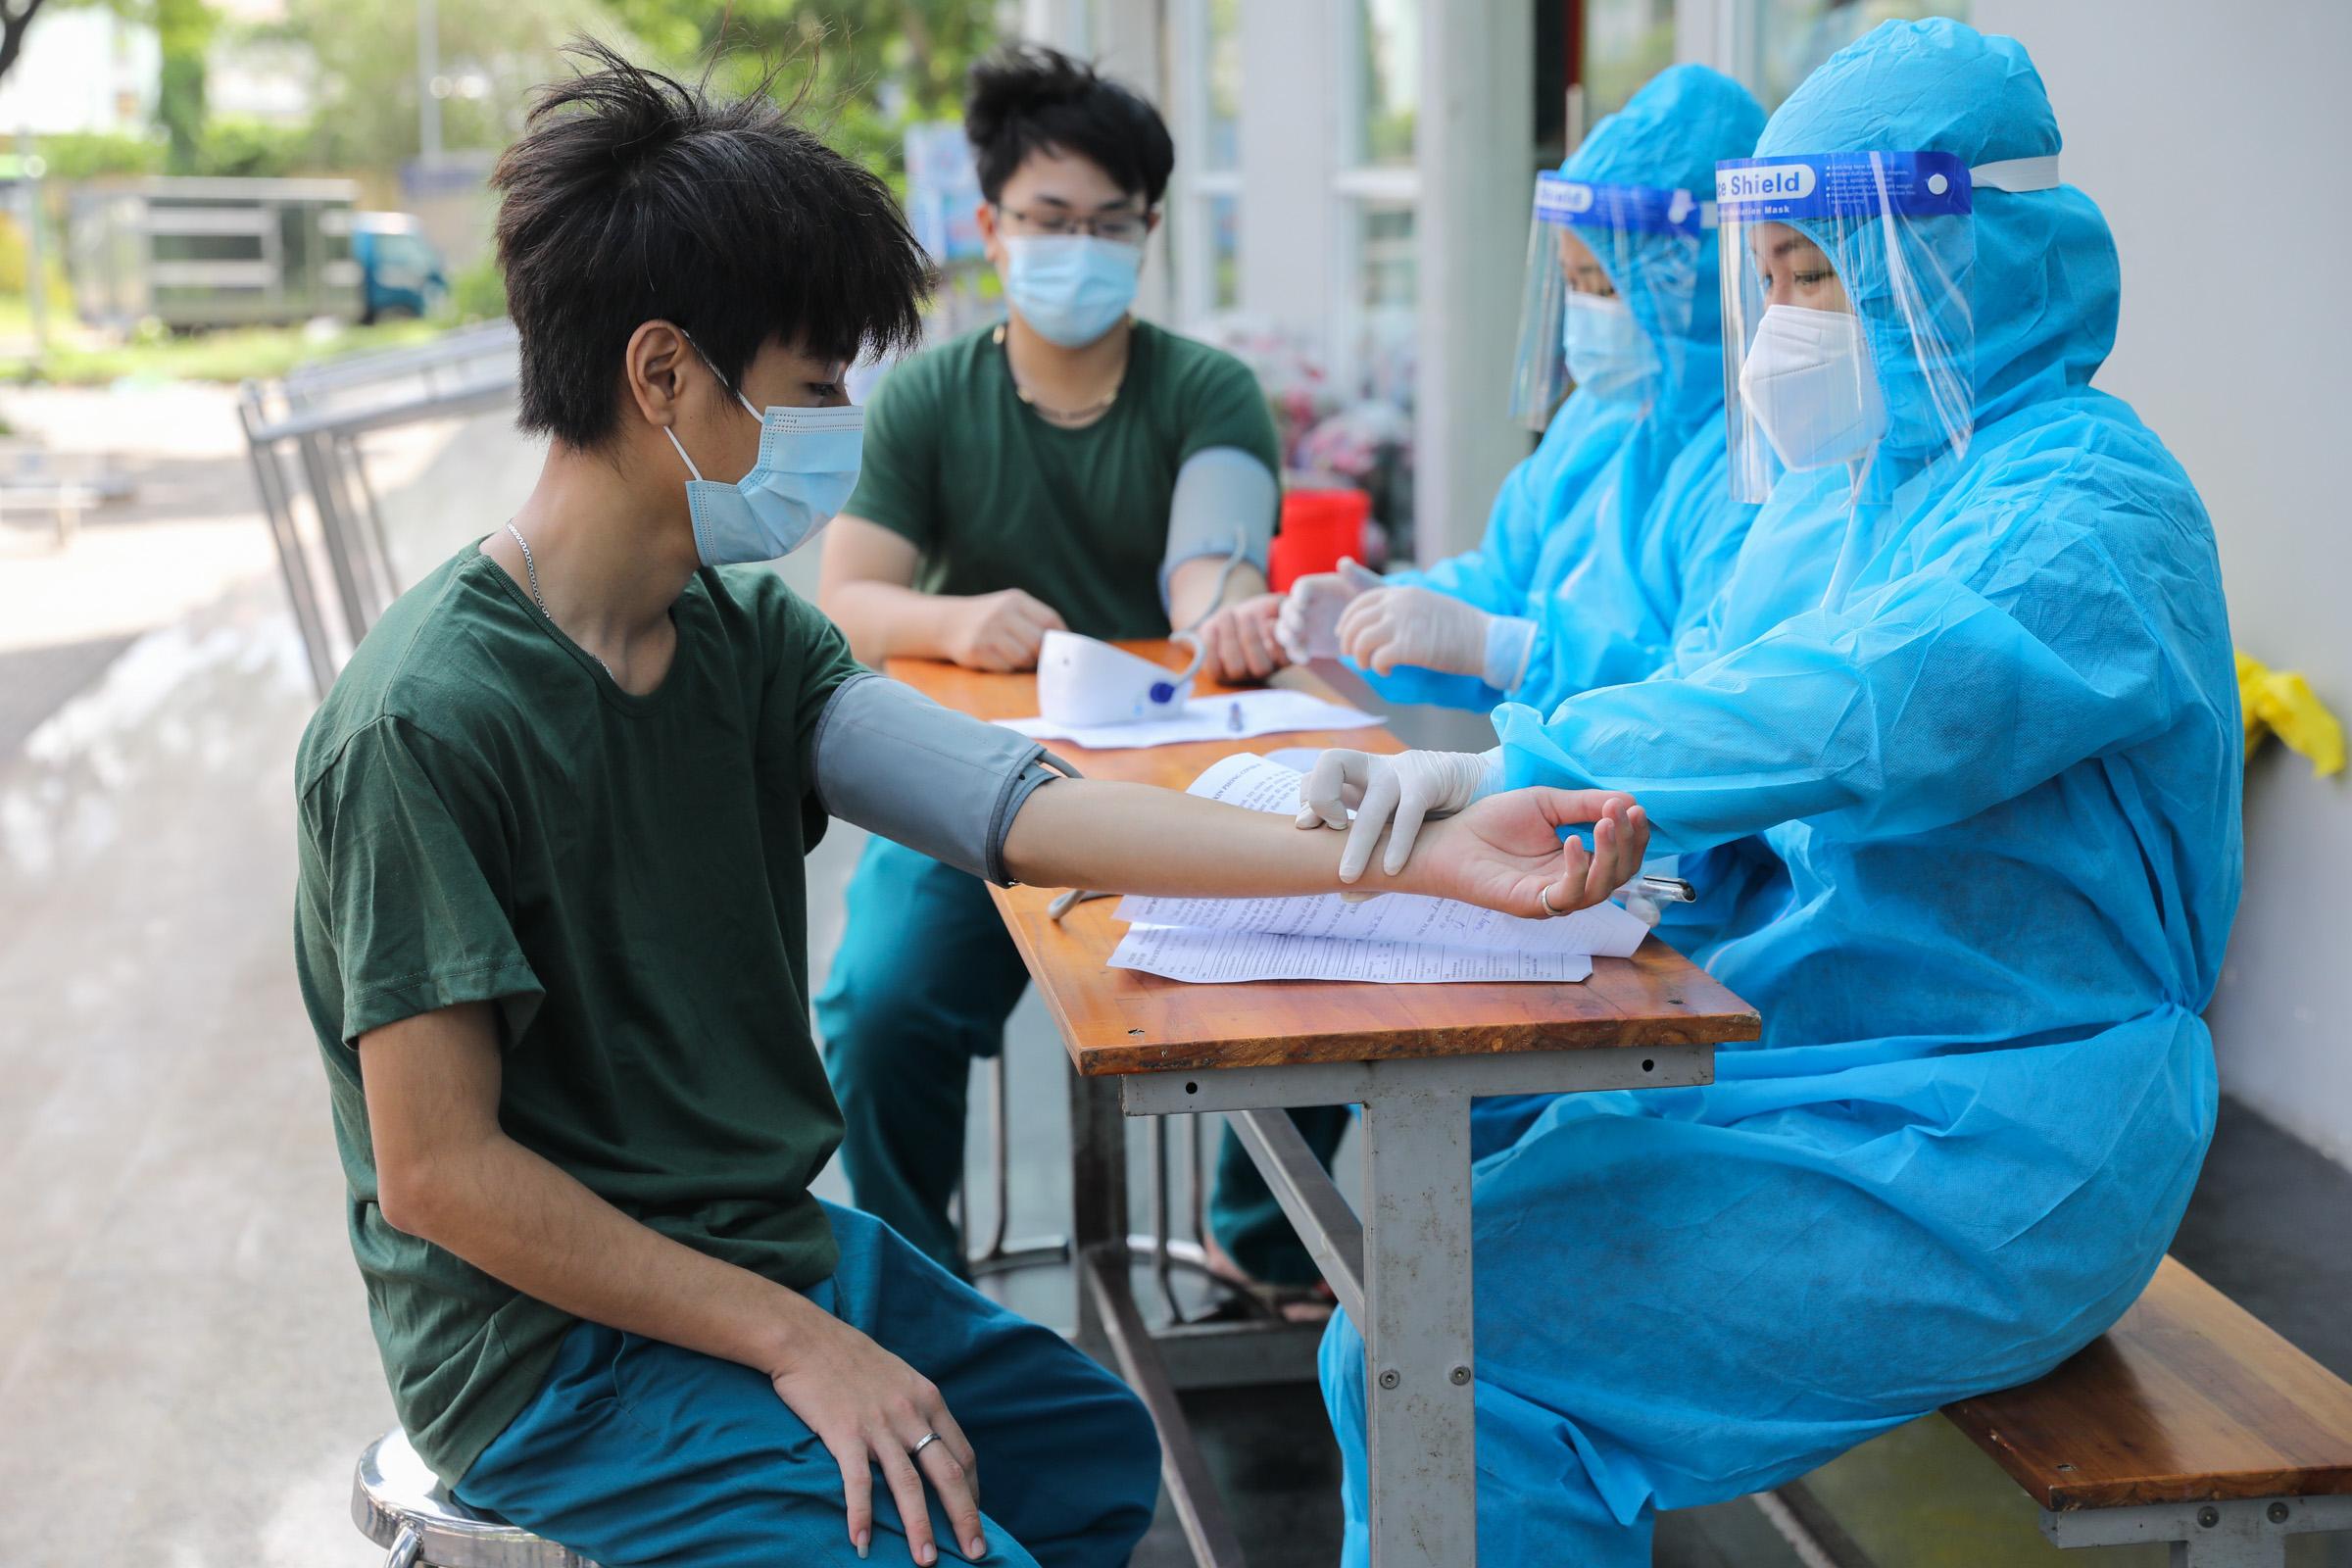 Tiêm vaccine Covid-19 lưu động tại TP Thủ Đức, ngày 1/8. Ảnh: Quỳnh Trần.